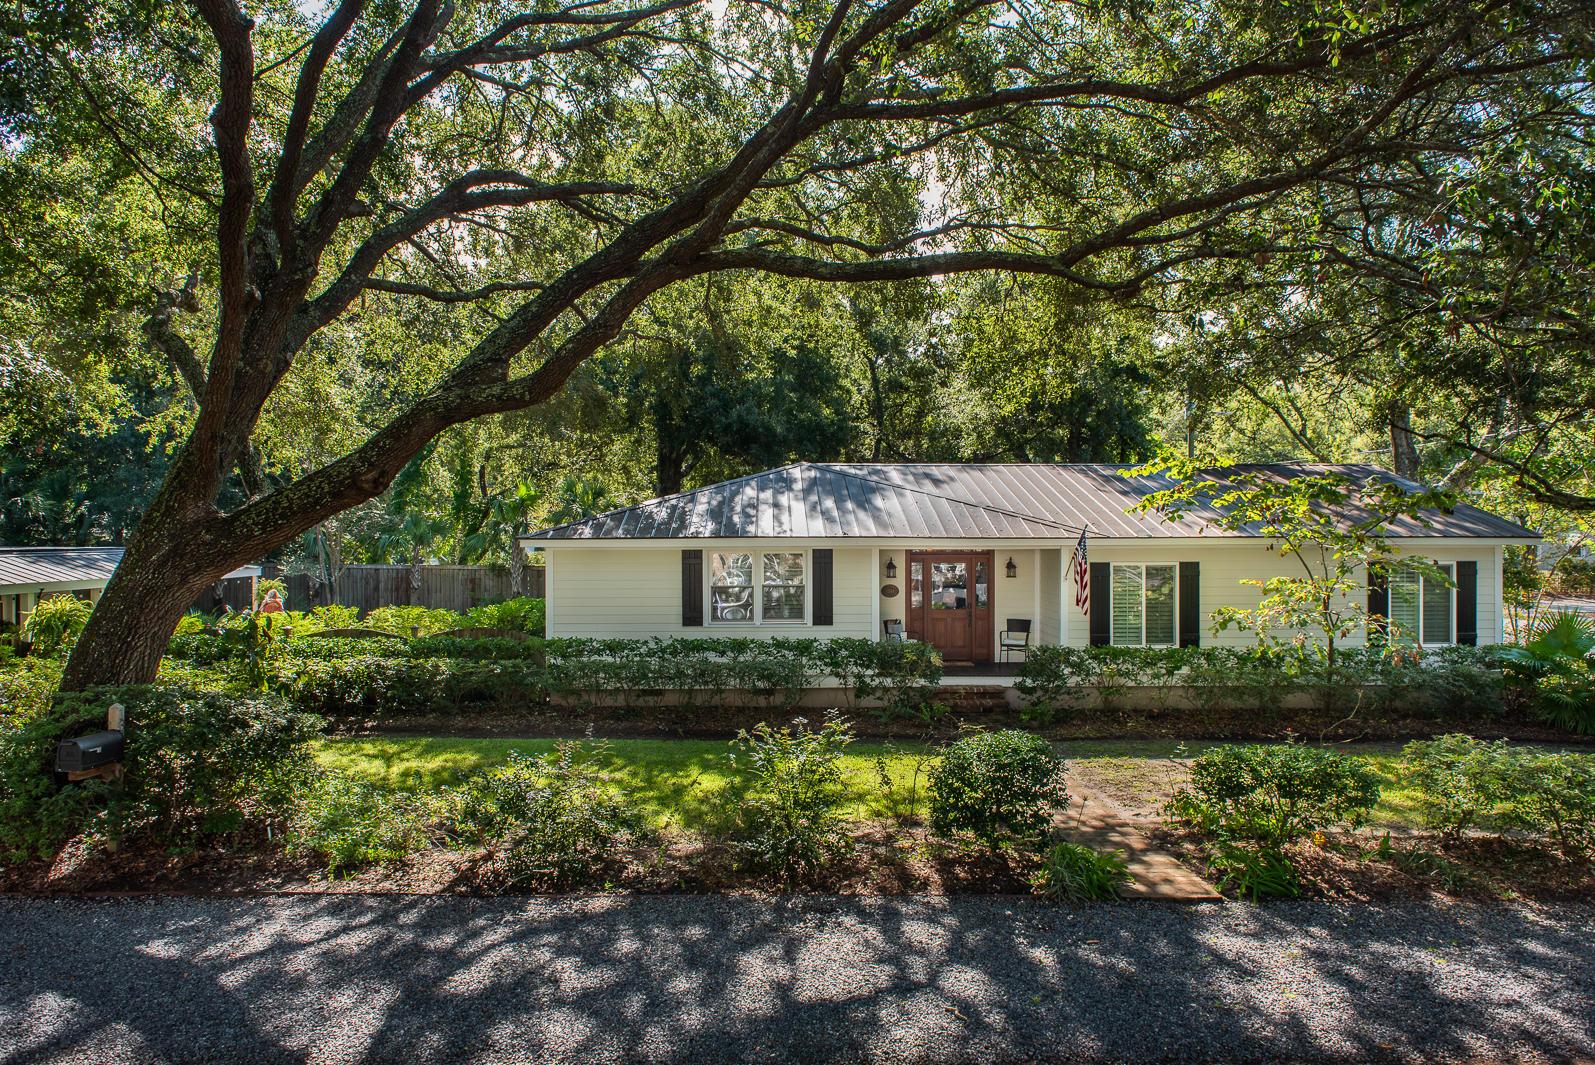 Old Mt Pleasant Homes For Sale - 1344 Fairmont, Mount Pleasant, SC - 0